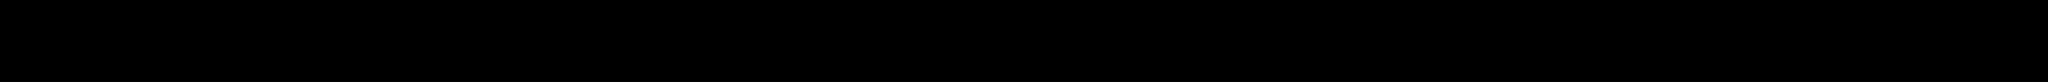 RIDEX 06A919501, 06A919501A, 06A 919 501 B, 68001313AB, 68001313AB Érzékelő, hűtőfolydék hőmérséklet